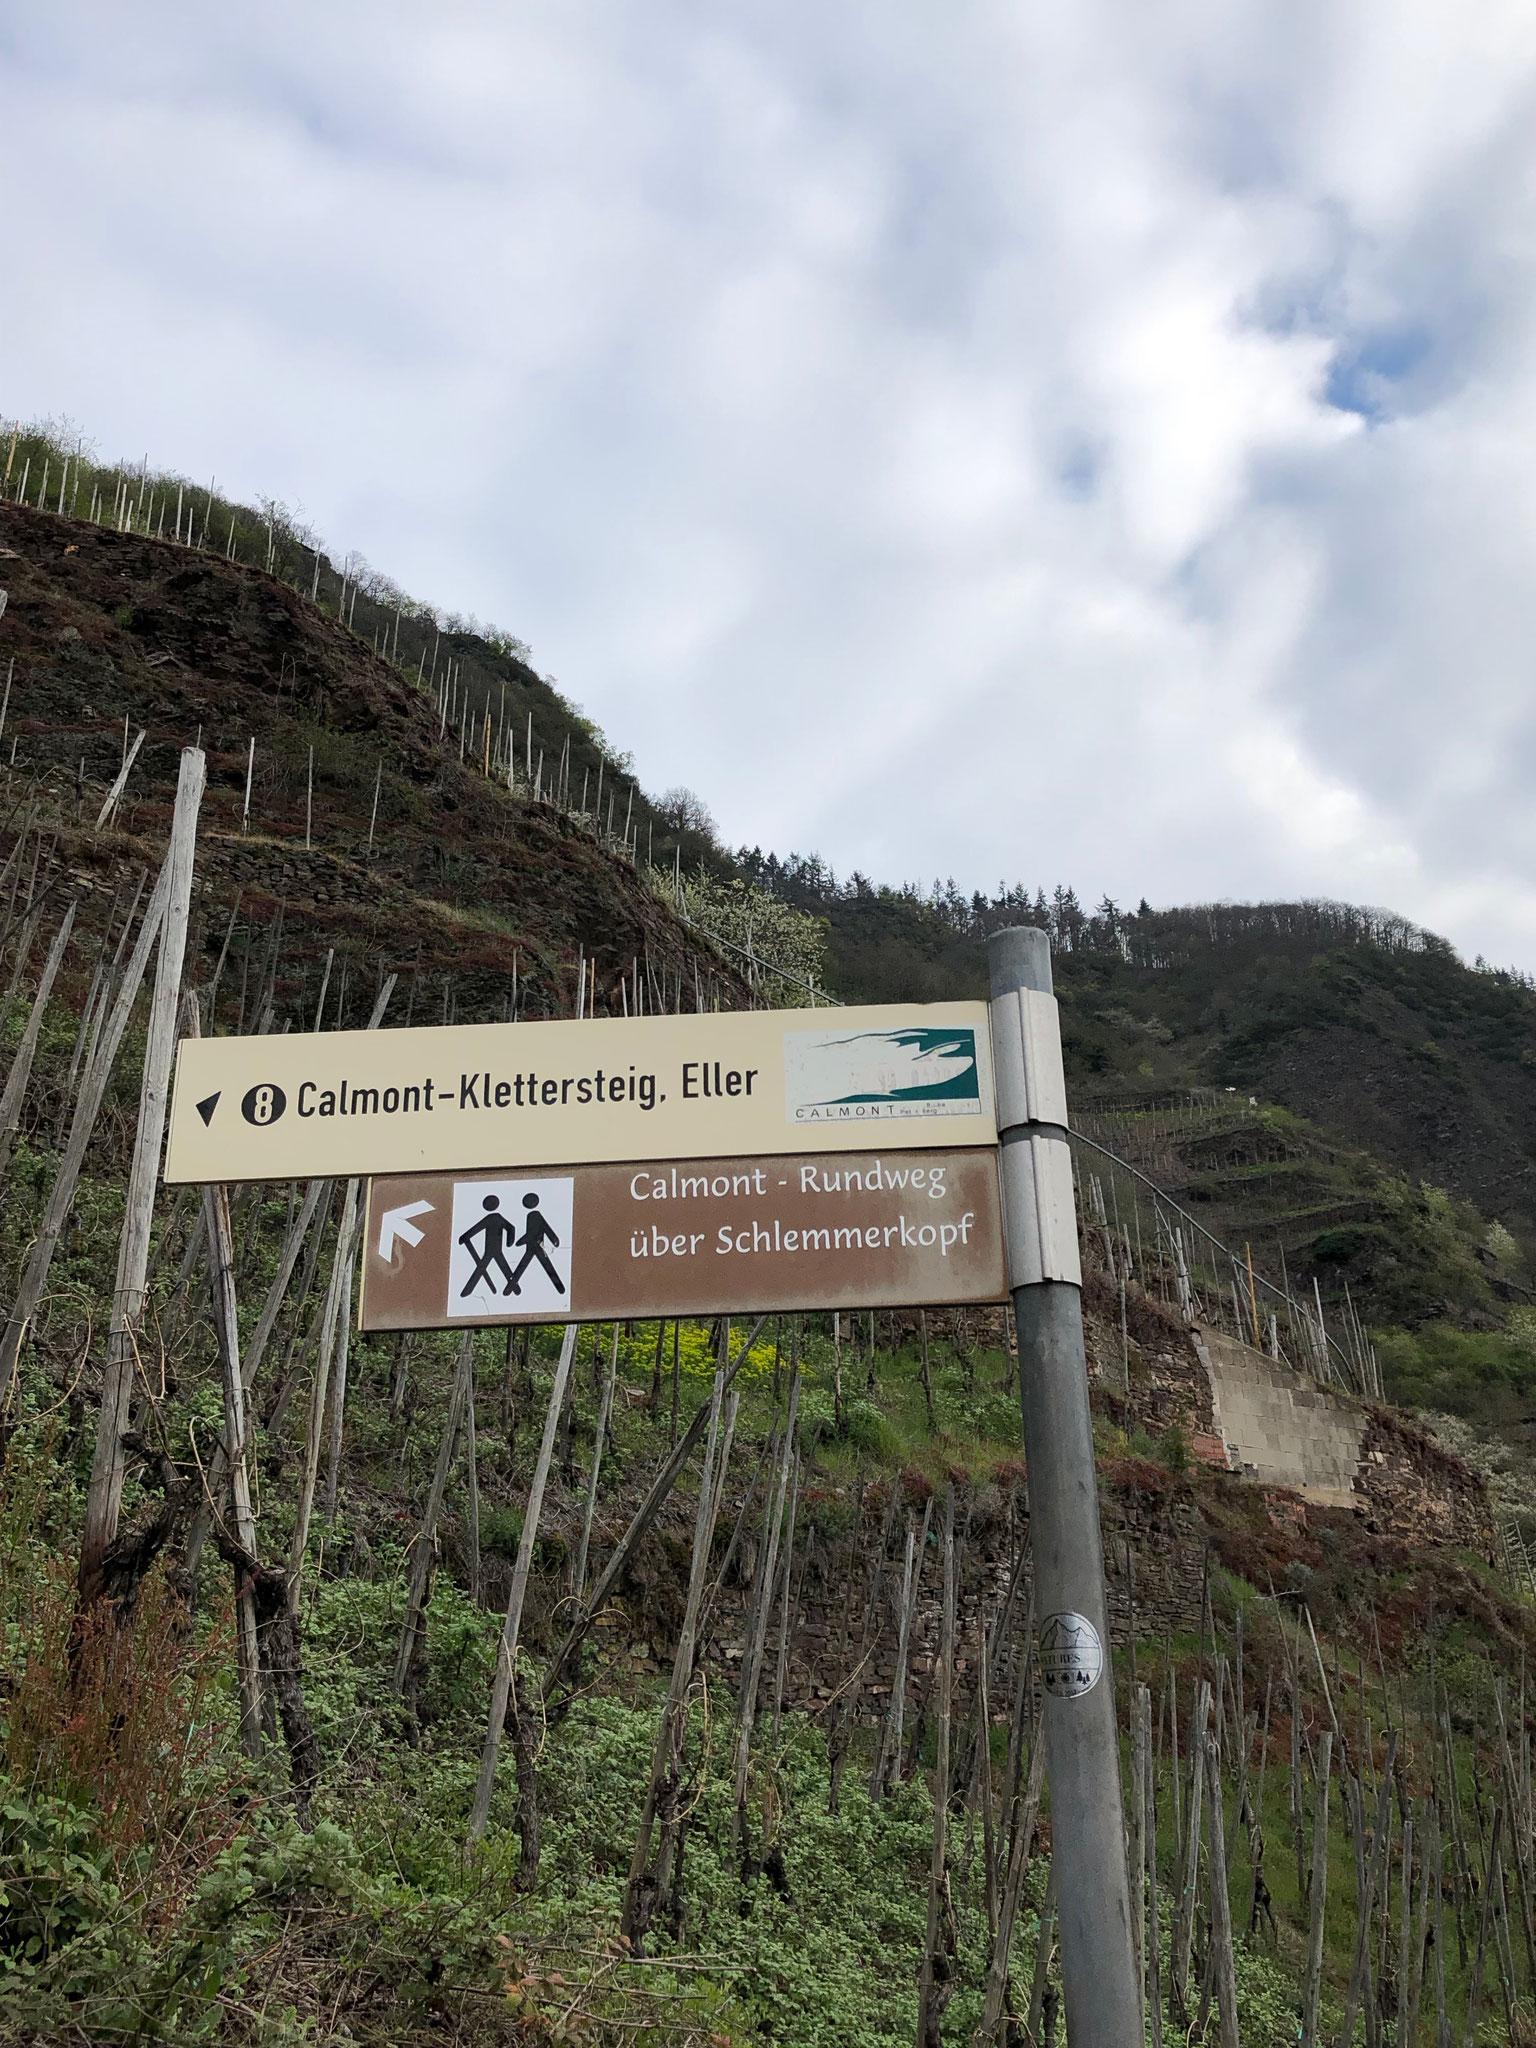 Weg zum Calmonter Klettersteig